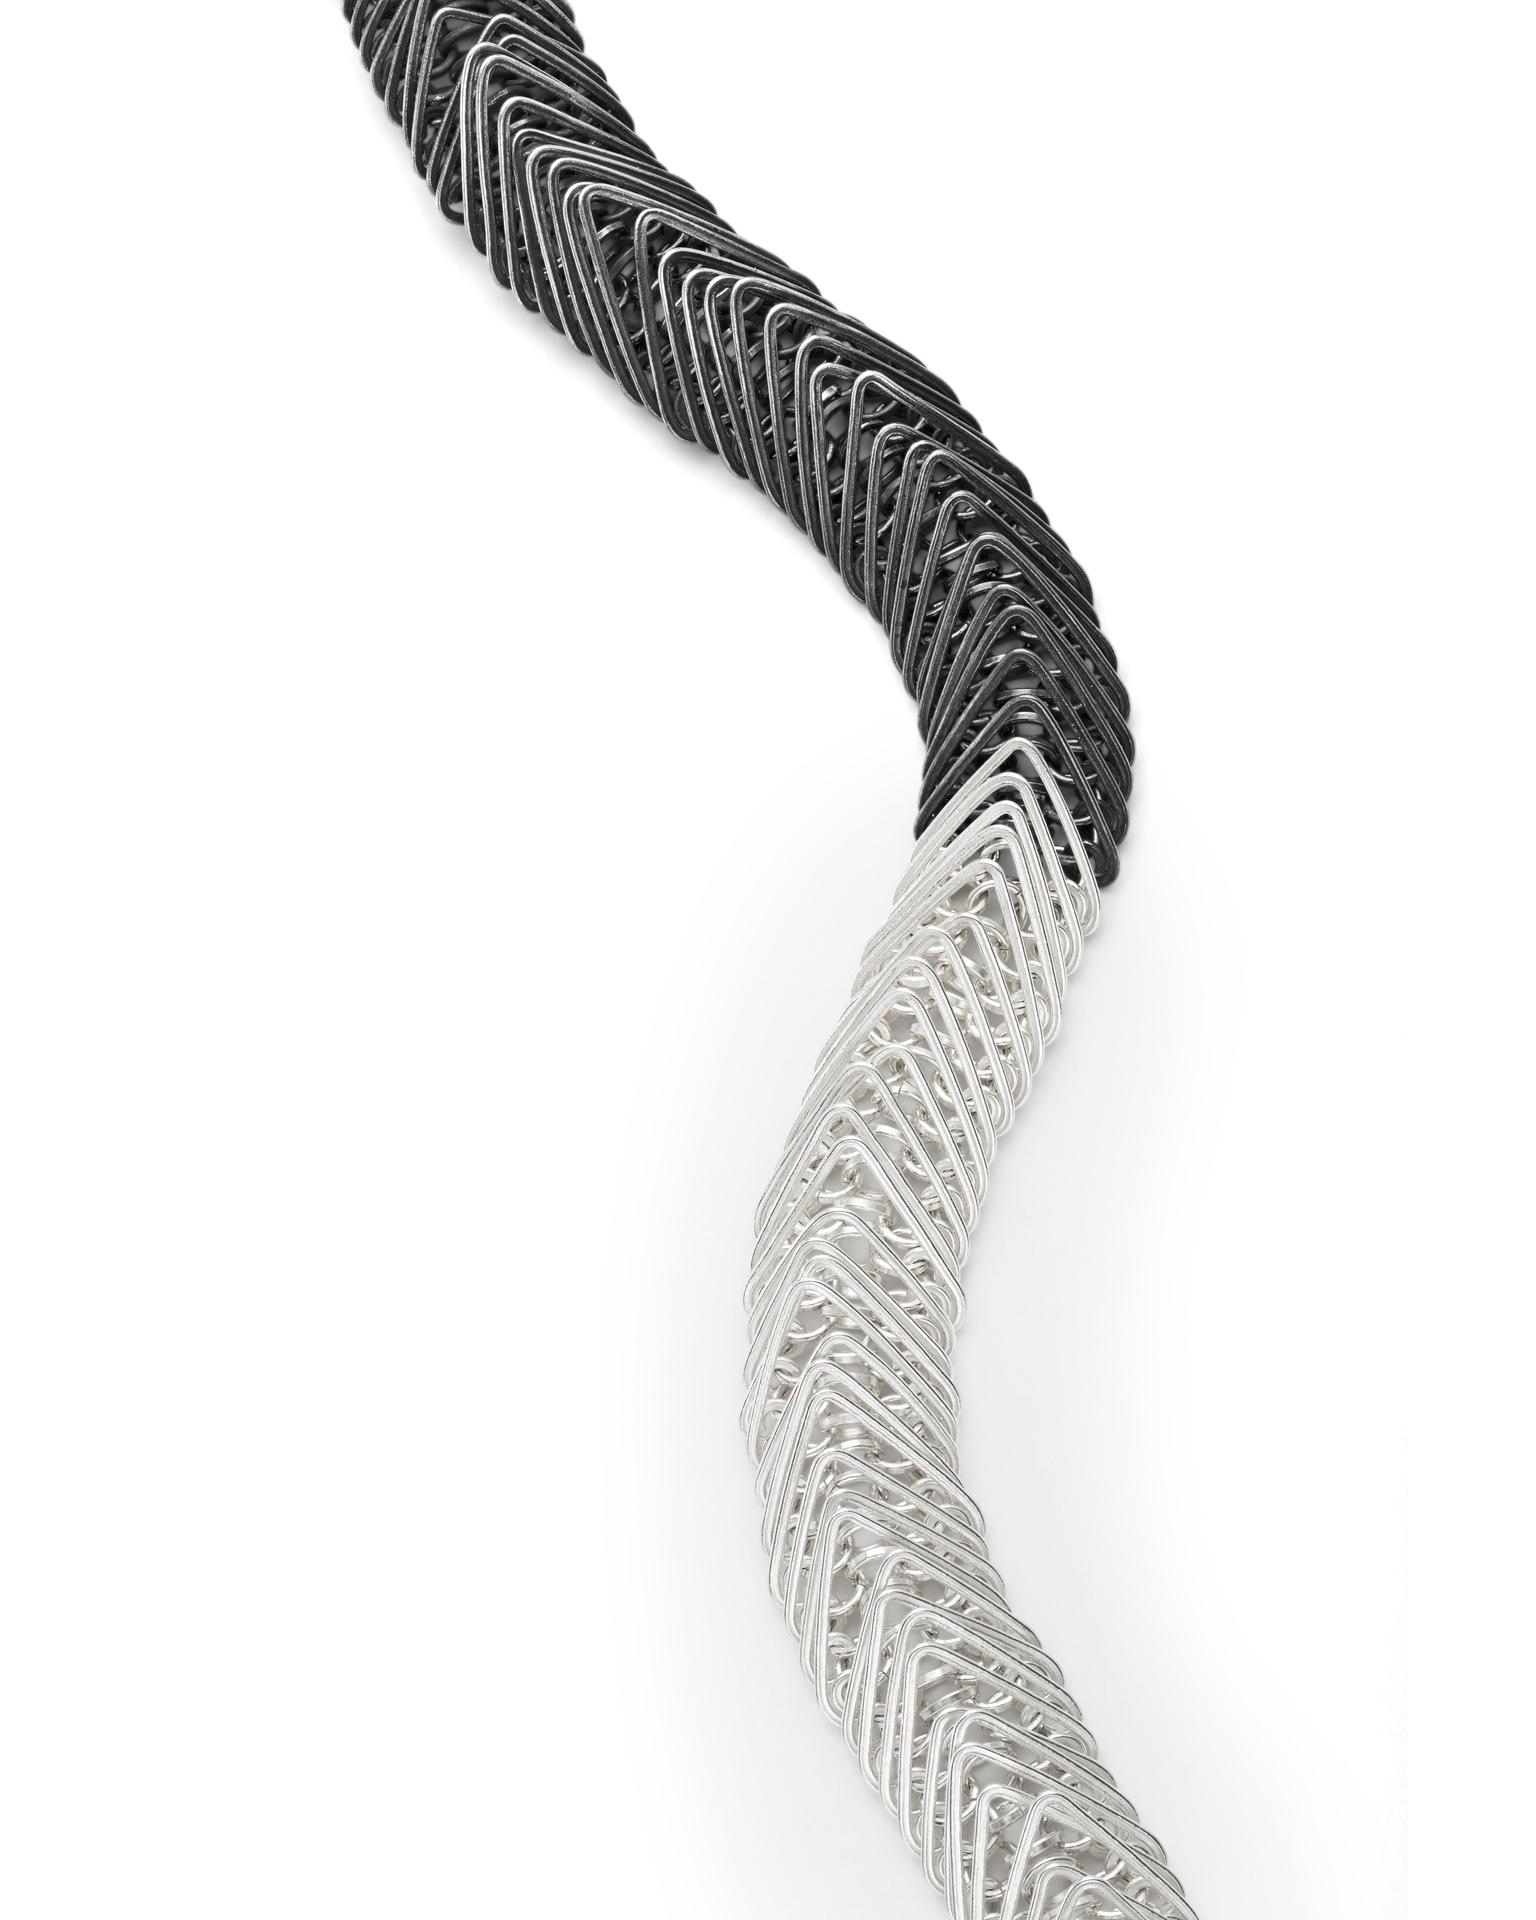 HW2_image3_HWoof_Slinky Necklace_Silver, oxidised silver_rrp£3800.jpg